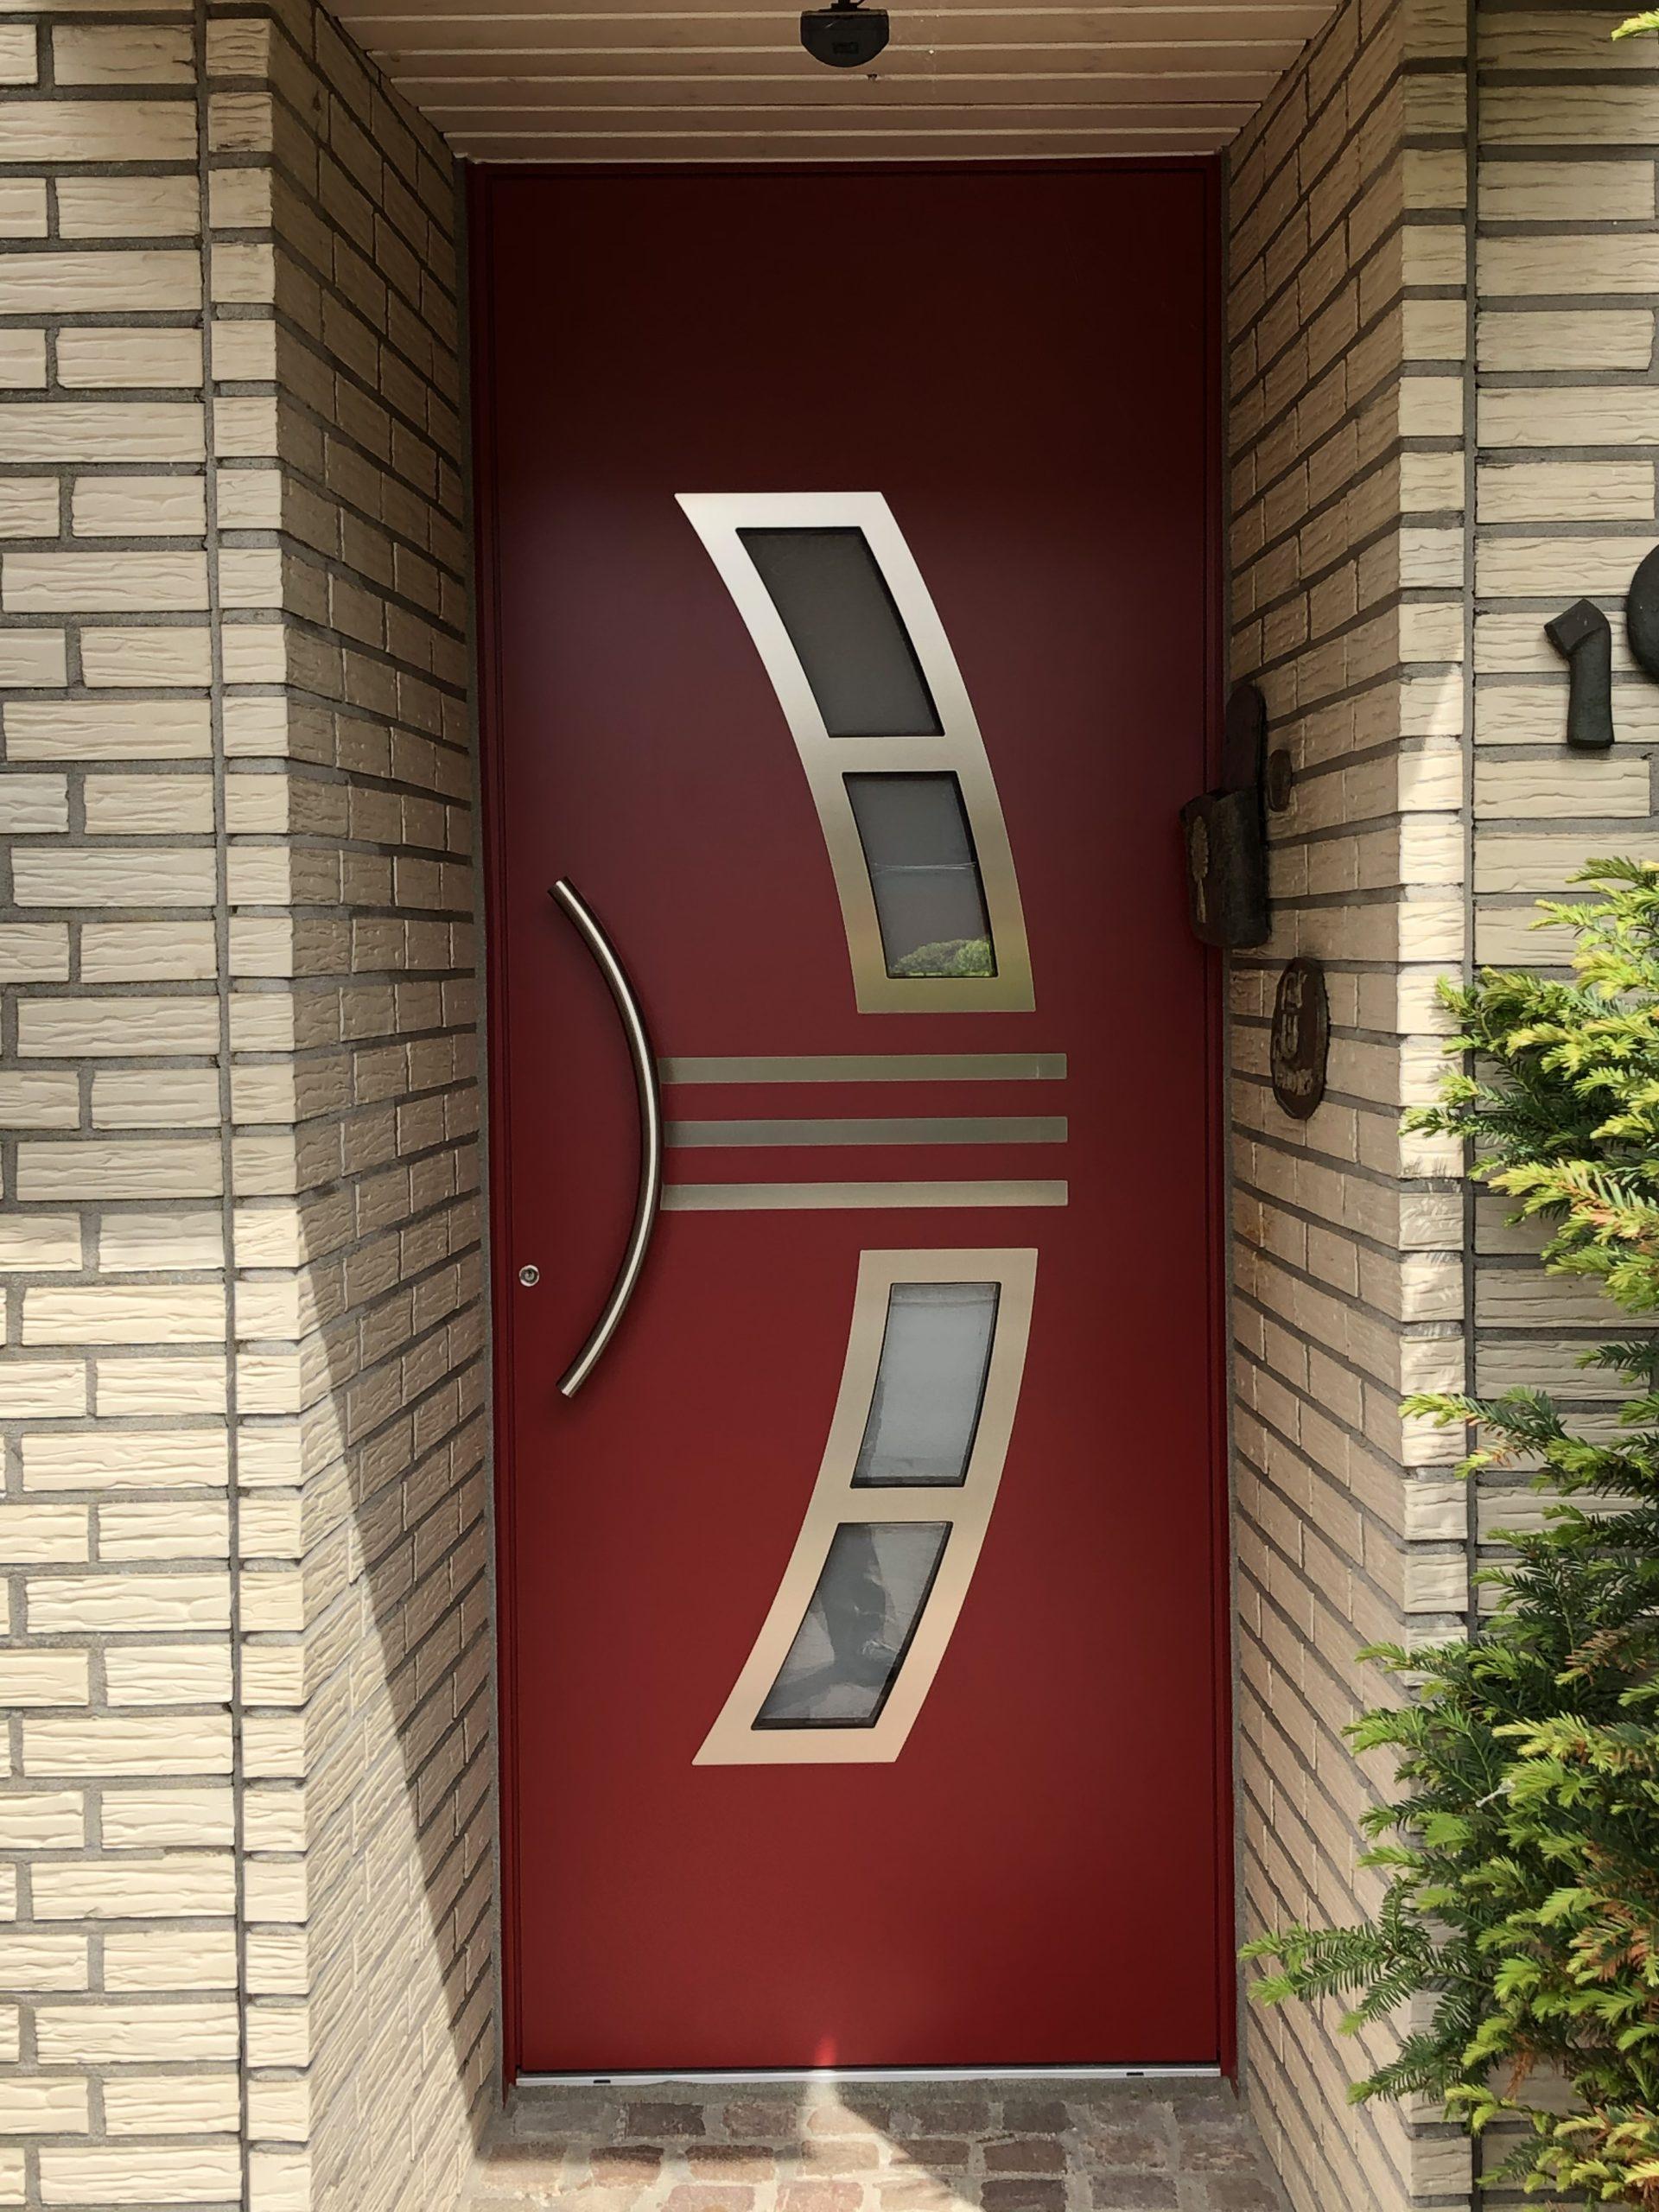 Eine rote Haustür frontal Fotografiert